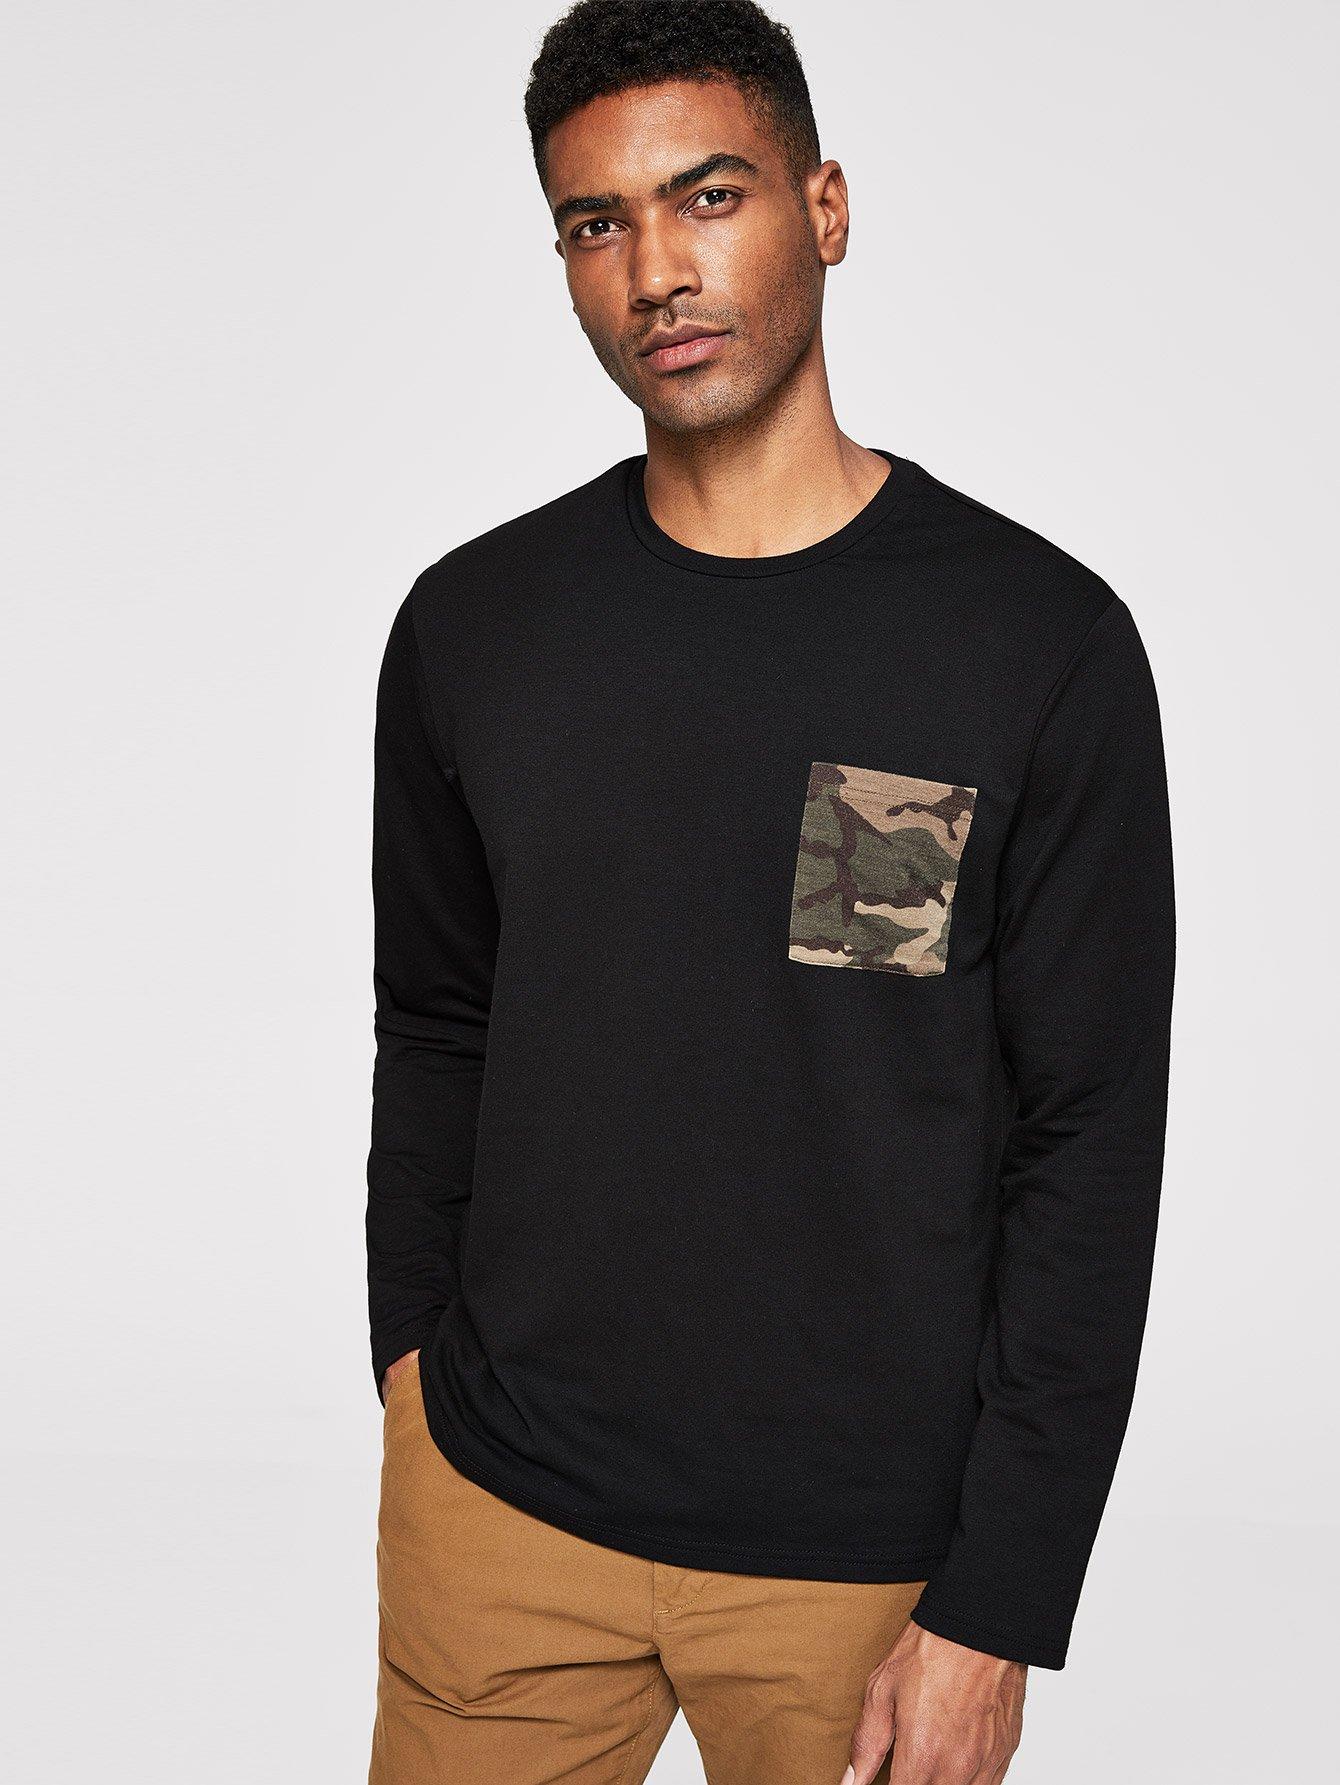 Для девочек камуфляжный пуловер с карманом, Johnn Silva, SheIn  - купить со скидкой